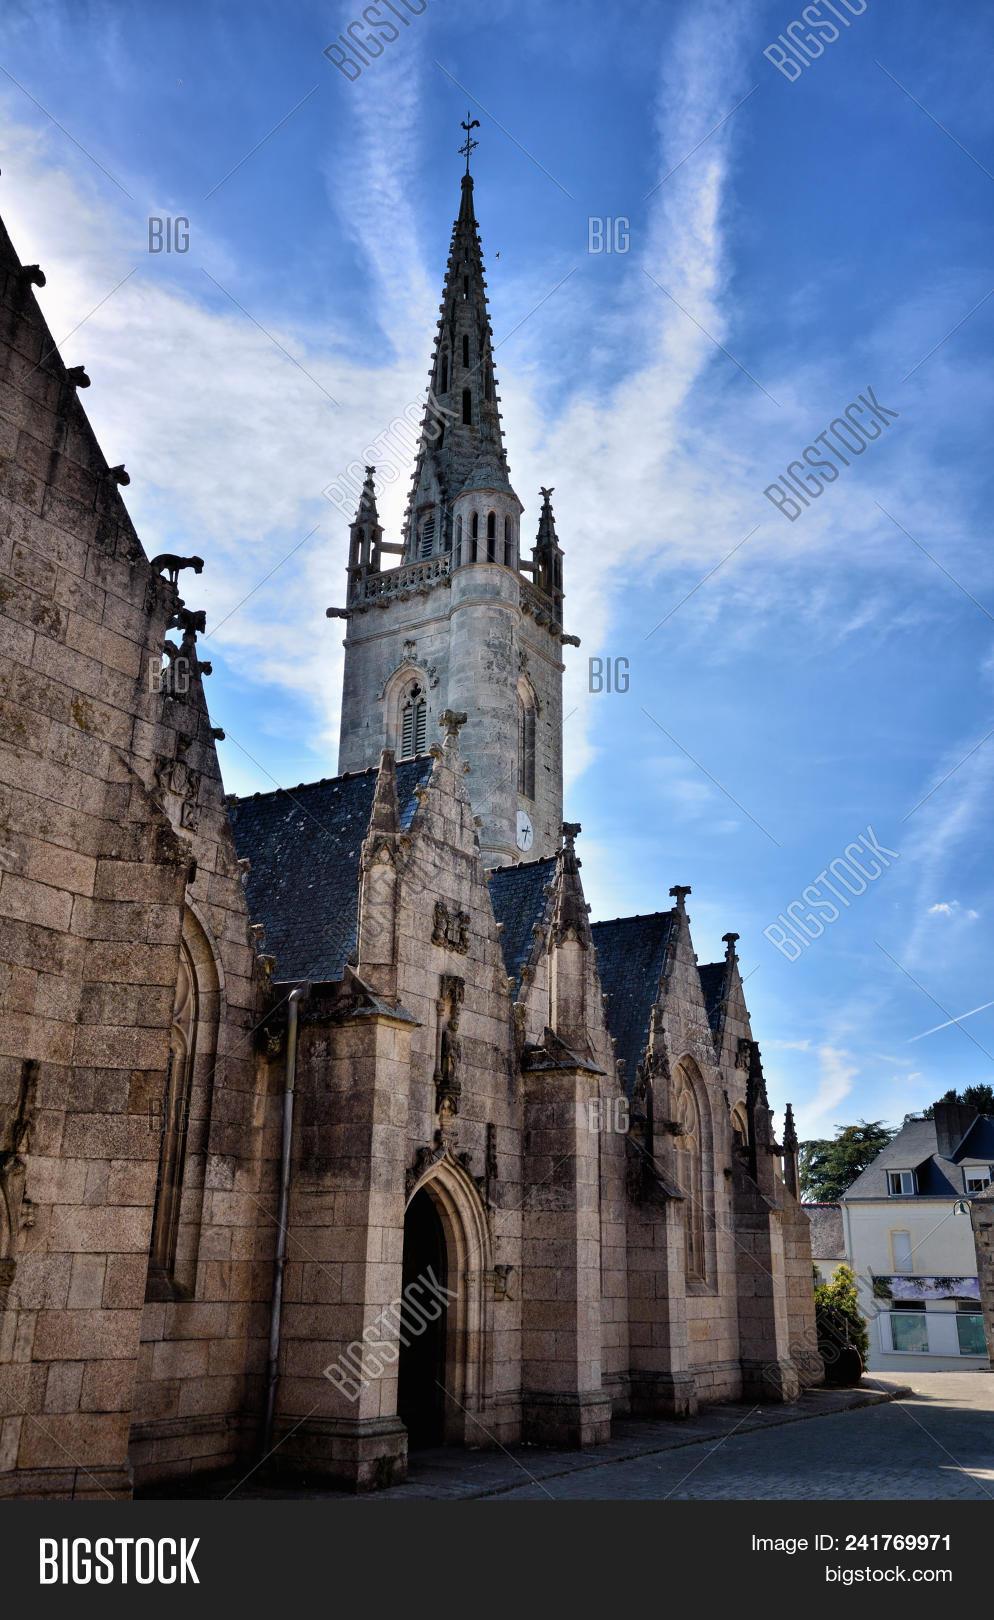 Architecte Cotes D Armor mur-de-bretagne little image & photo (free trial) | bigstock